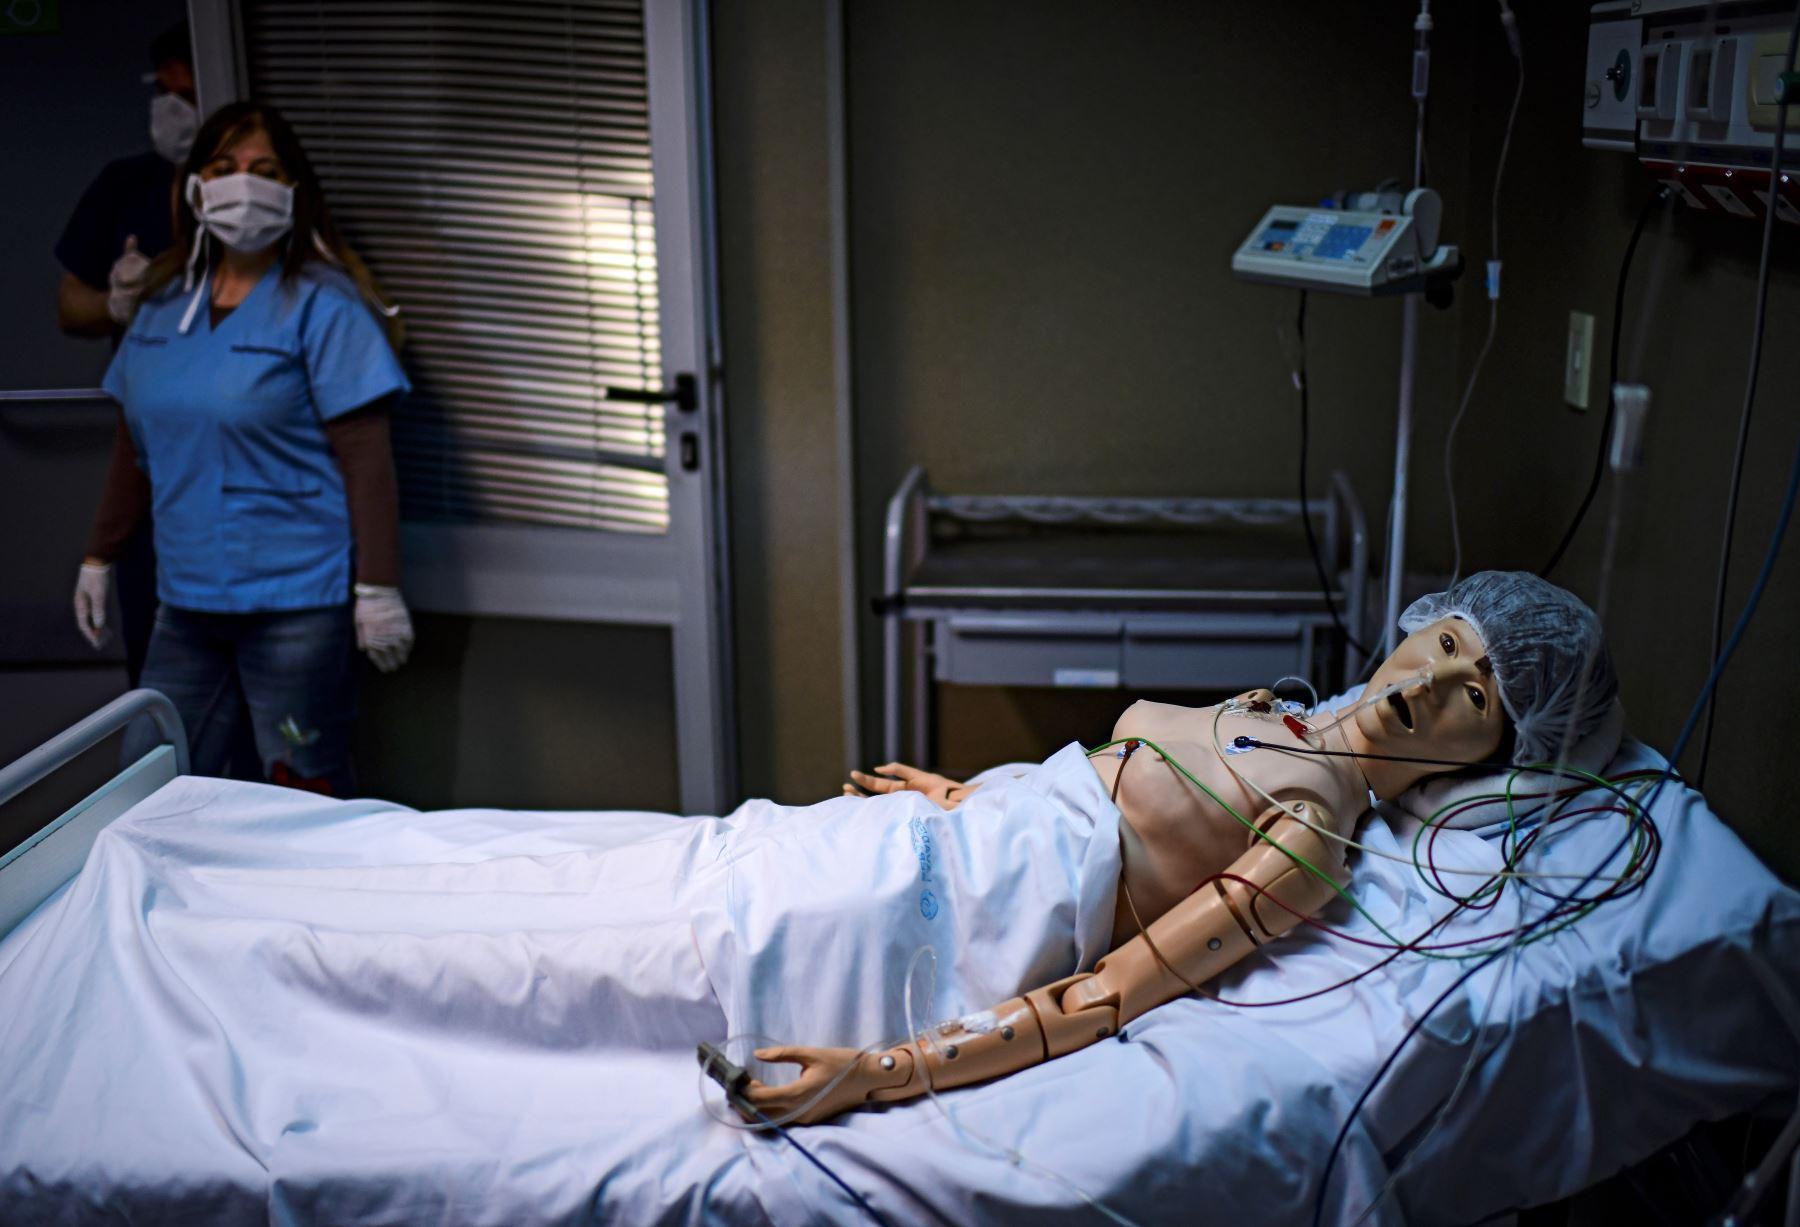 La doctora Norma Raul mira un robot con el que practica asistencia médica para pacientes con COVID-19, en el Centro de Entrenamiento de Simulación Clínica del hospital El Cruce en Buenos Aires, Argentina. Foto: AFP